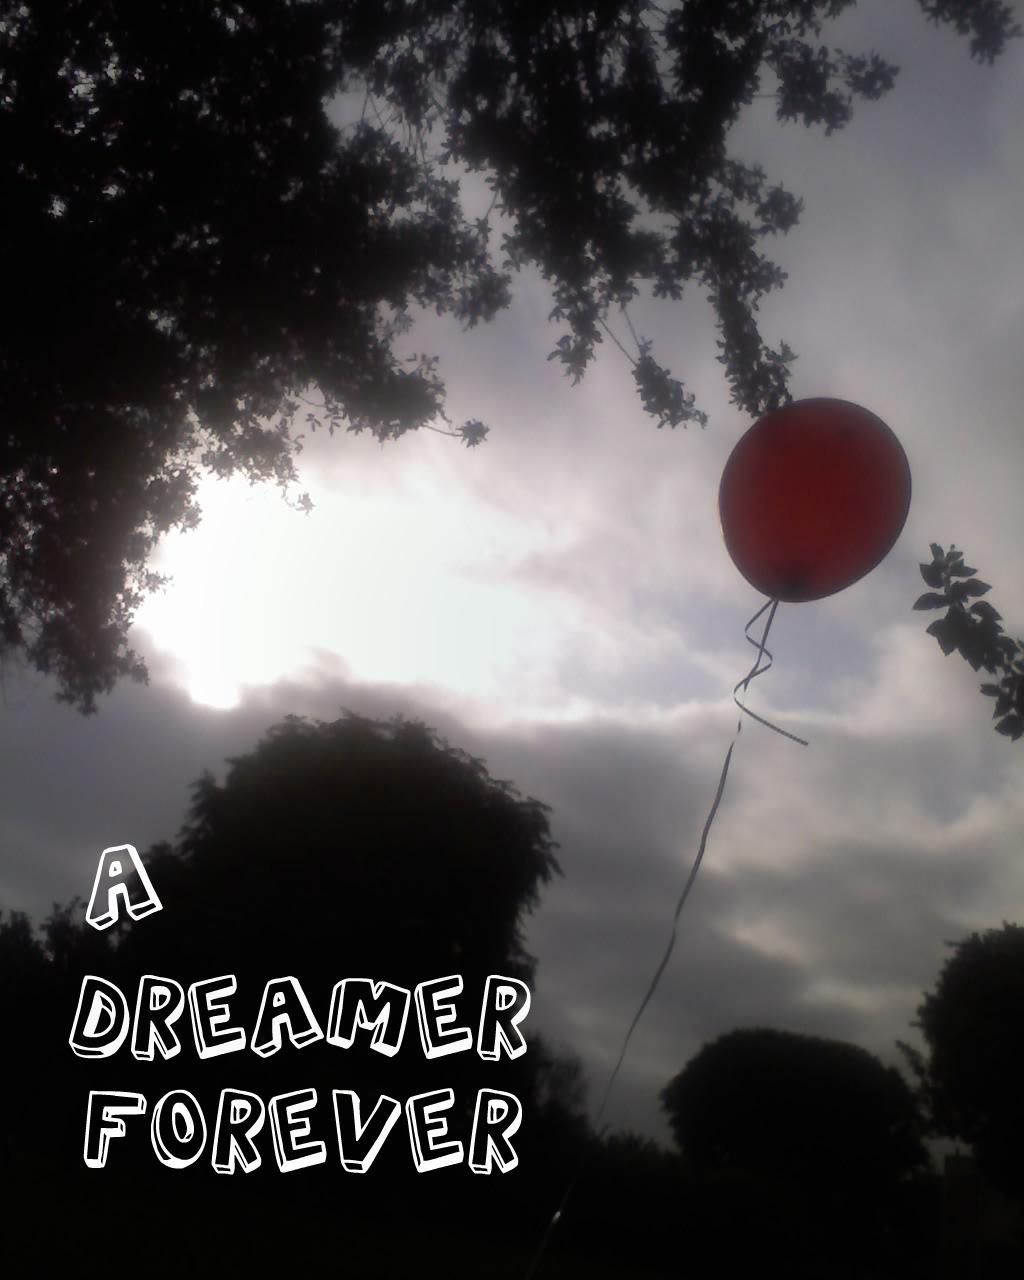 A dreamer forever